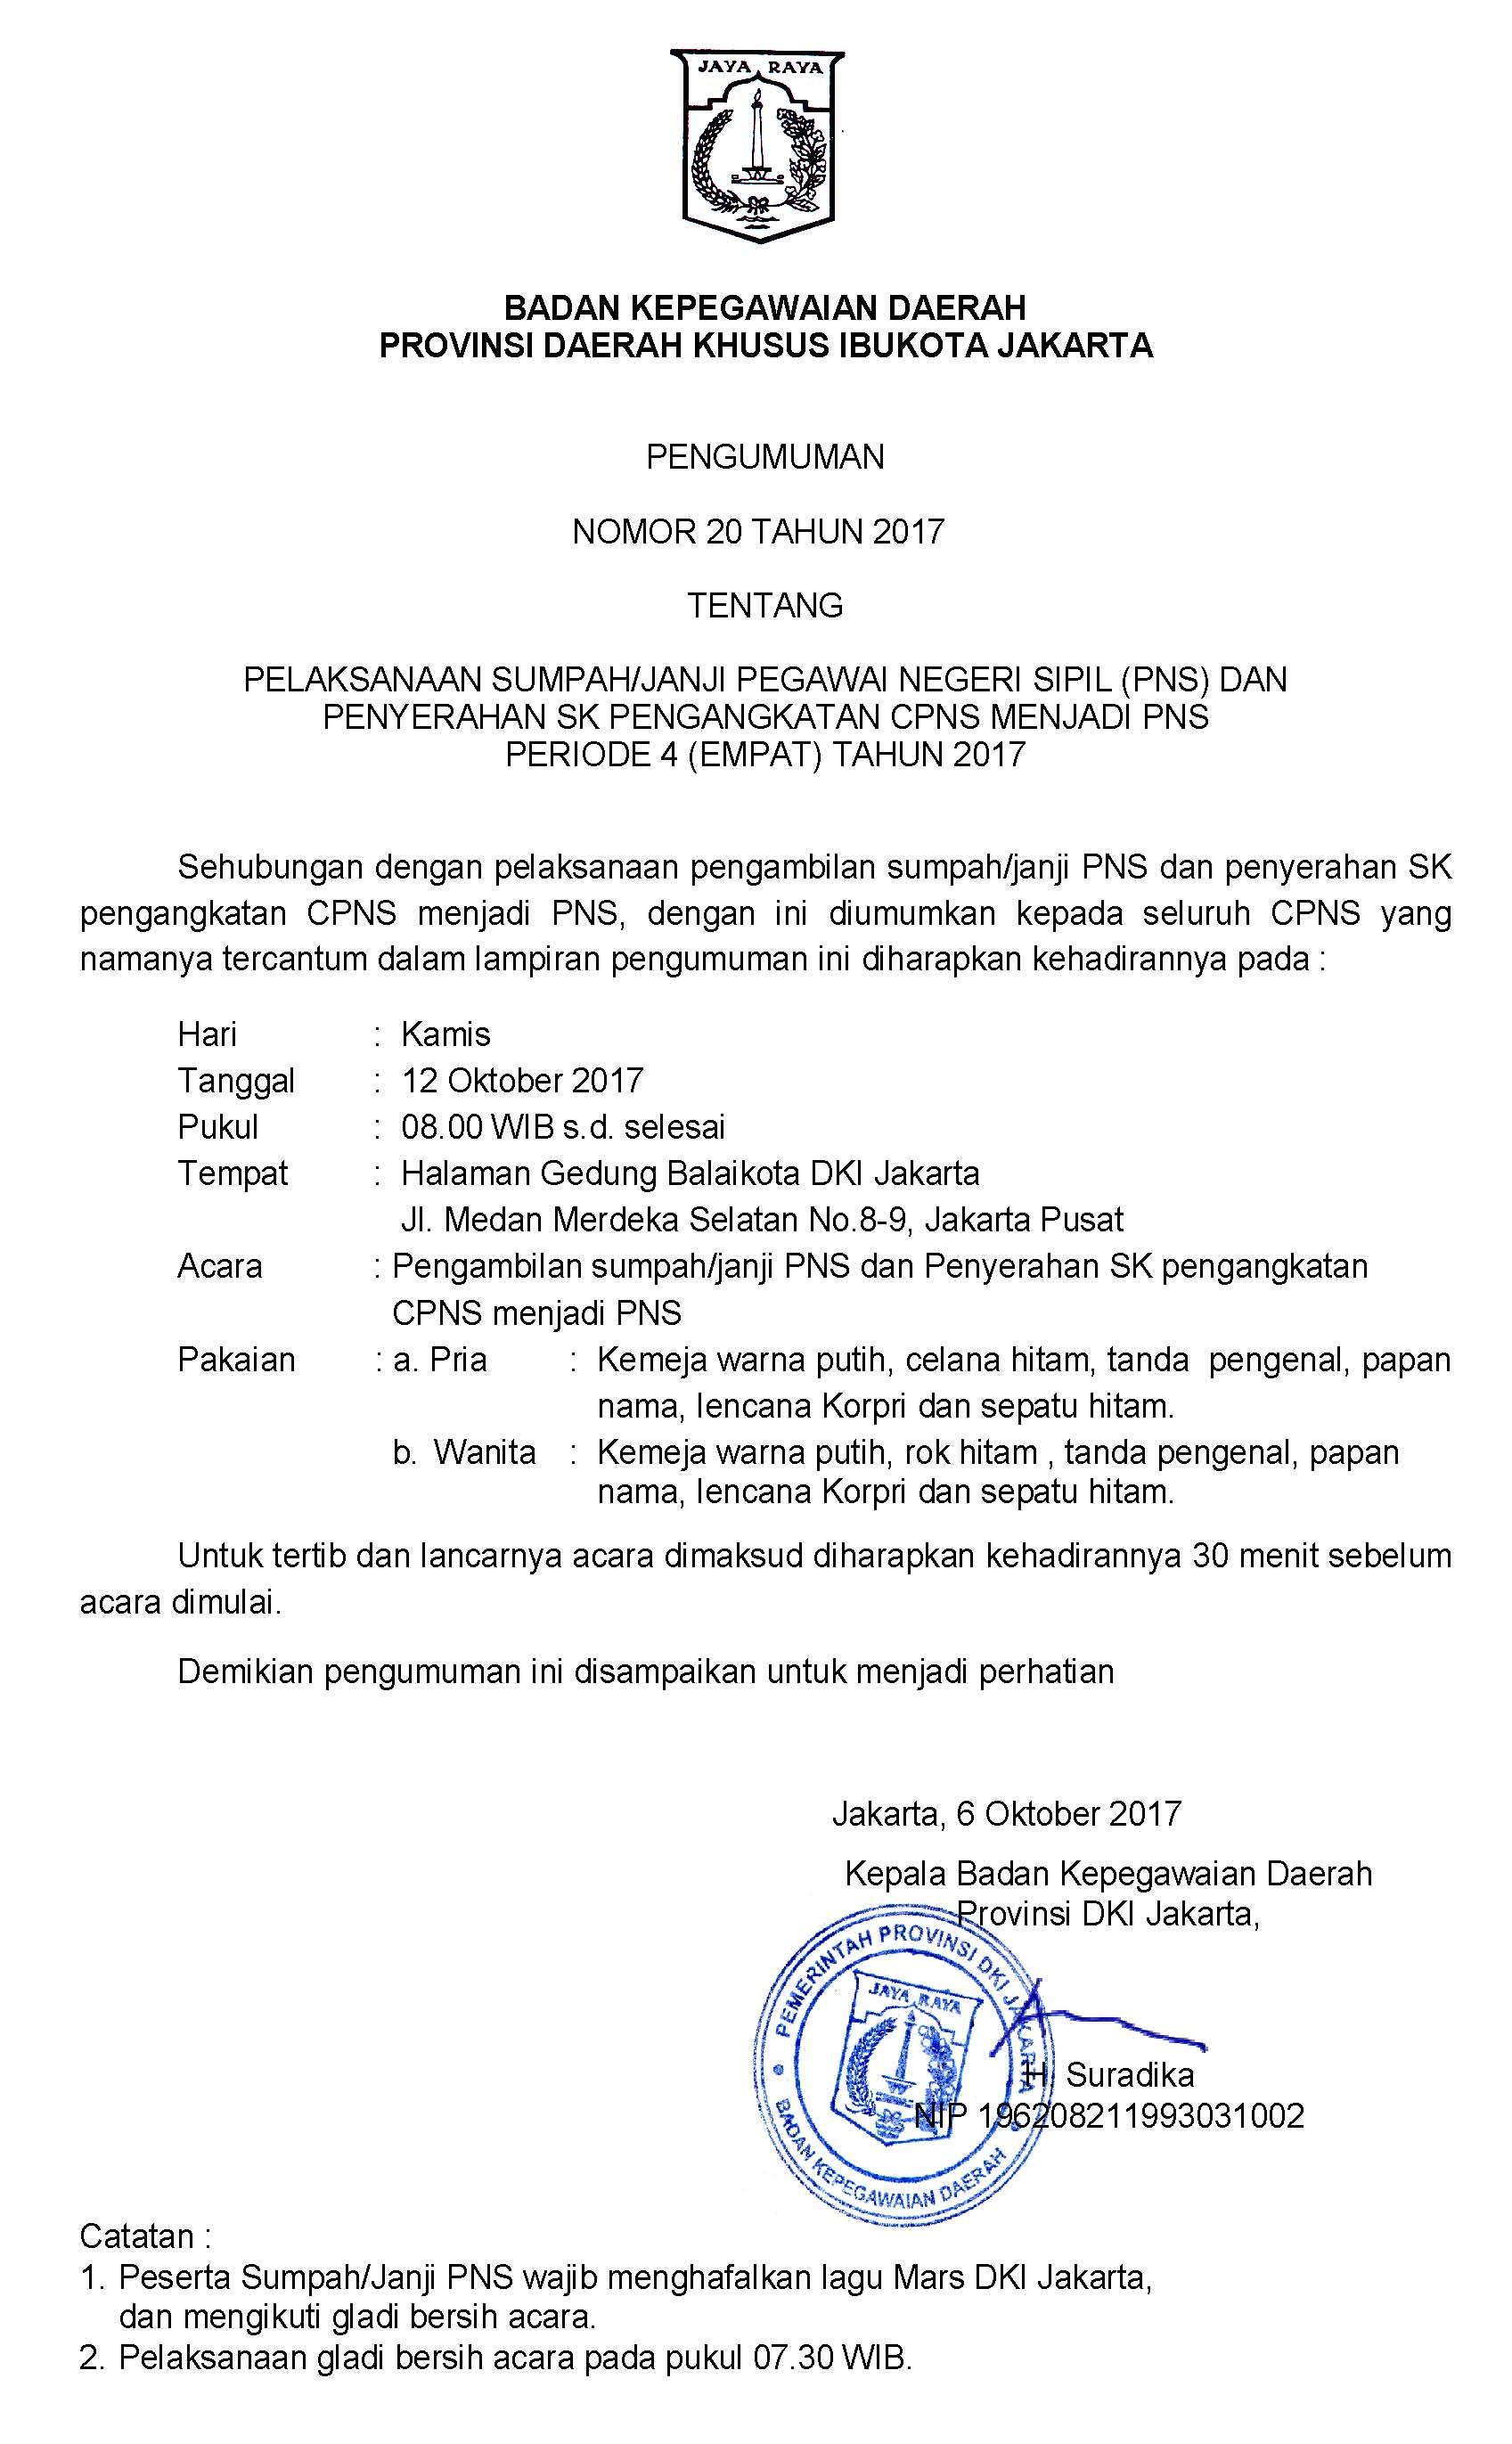 Download Badan Kepegawaian Daerah Provinsi Dki Jakarta